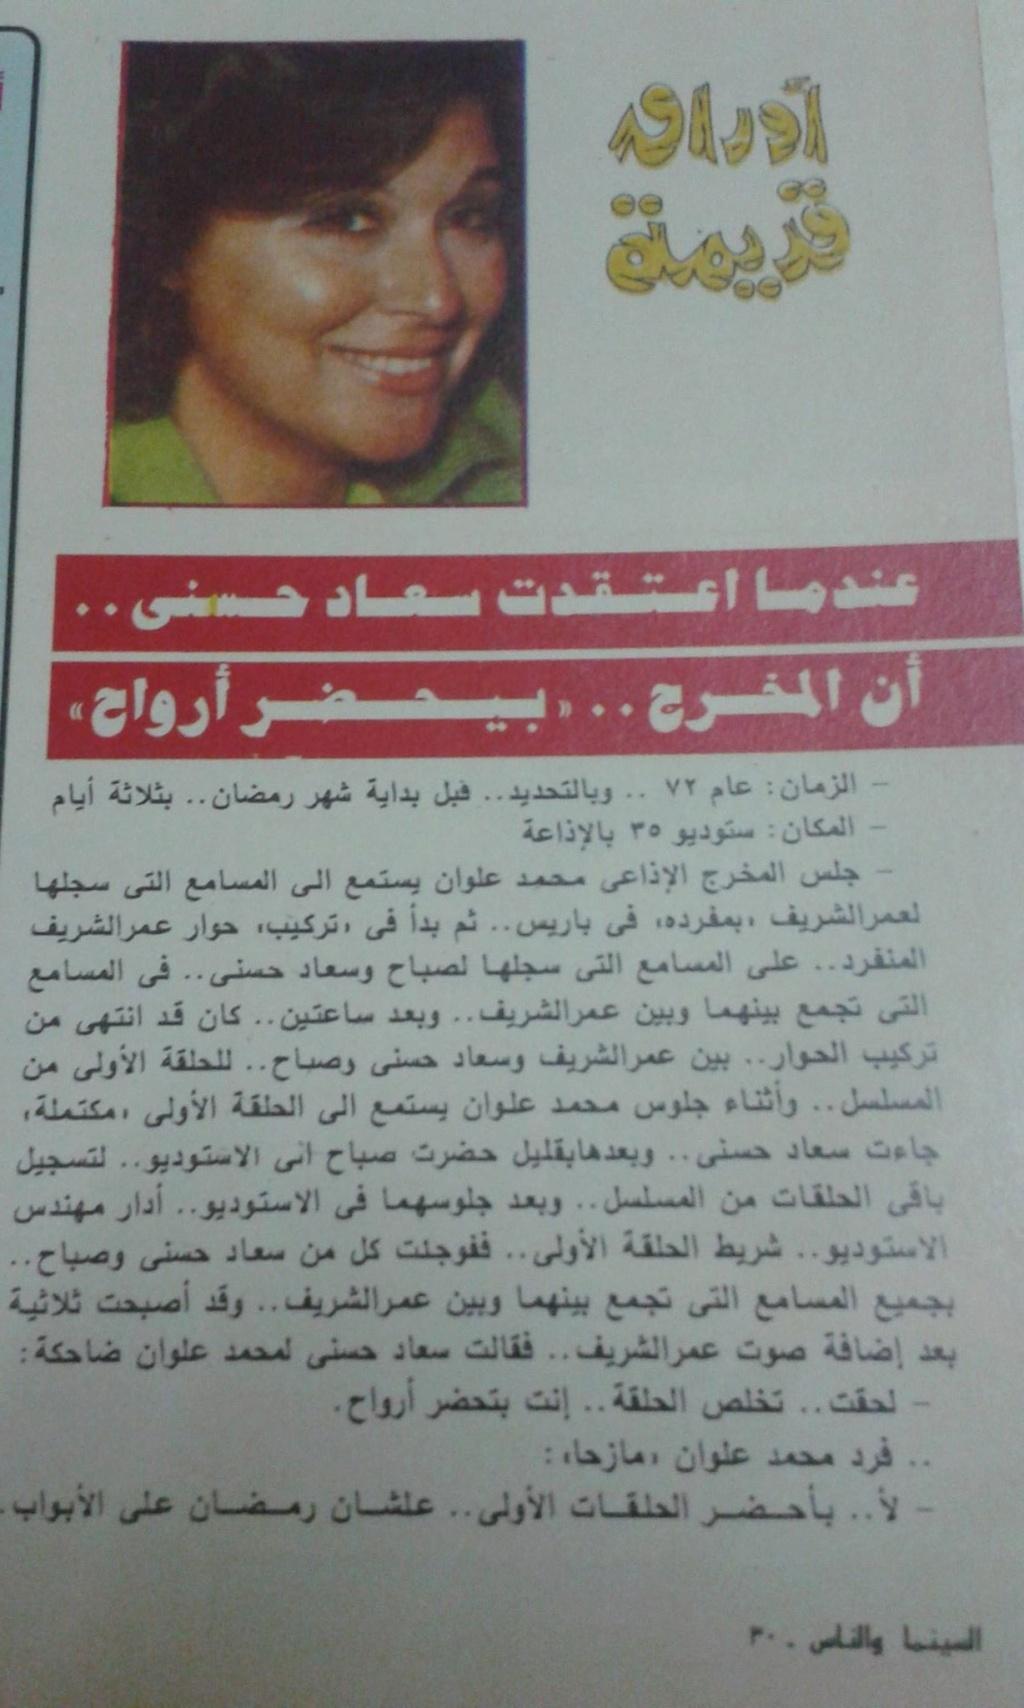 """مقال صحفي  : عندما أعتقدت سعاد حسني .. أن المخرج .. """"يحضر أرواح"""" 1972 م Aca_eo10"""